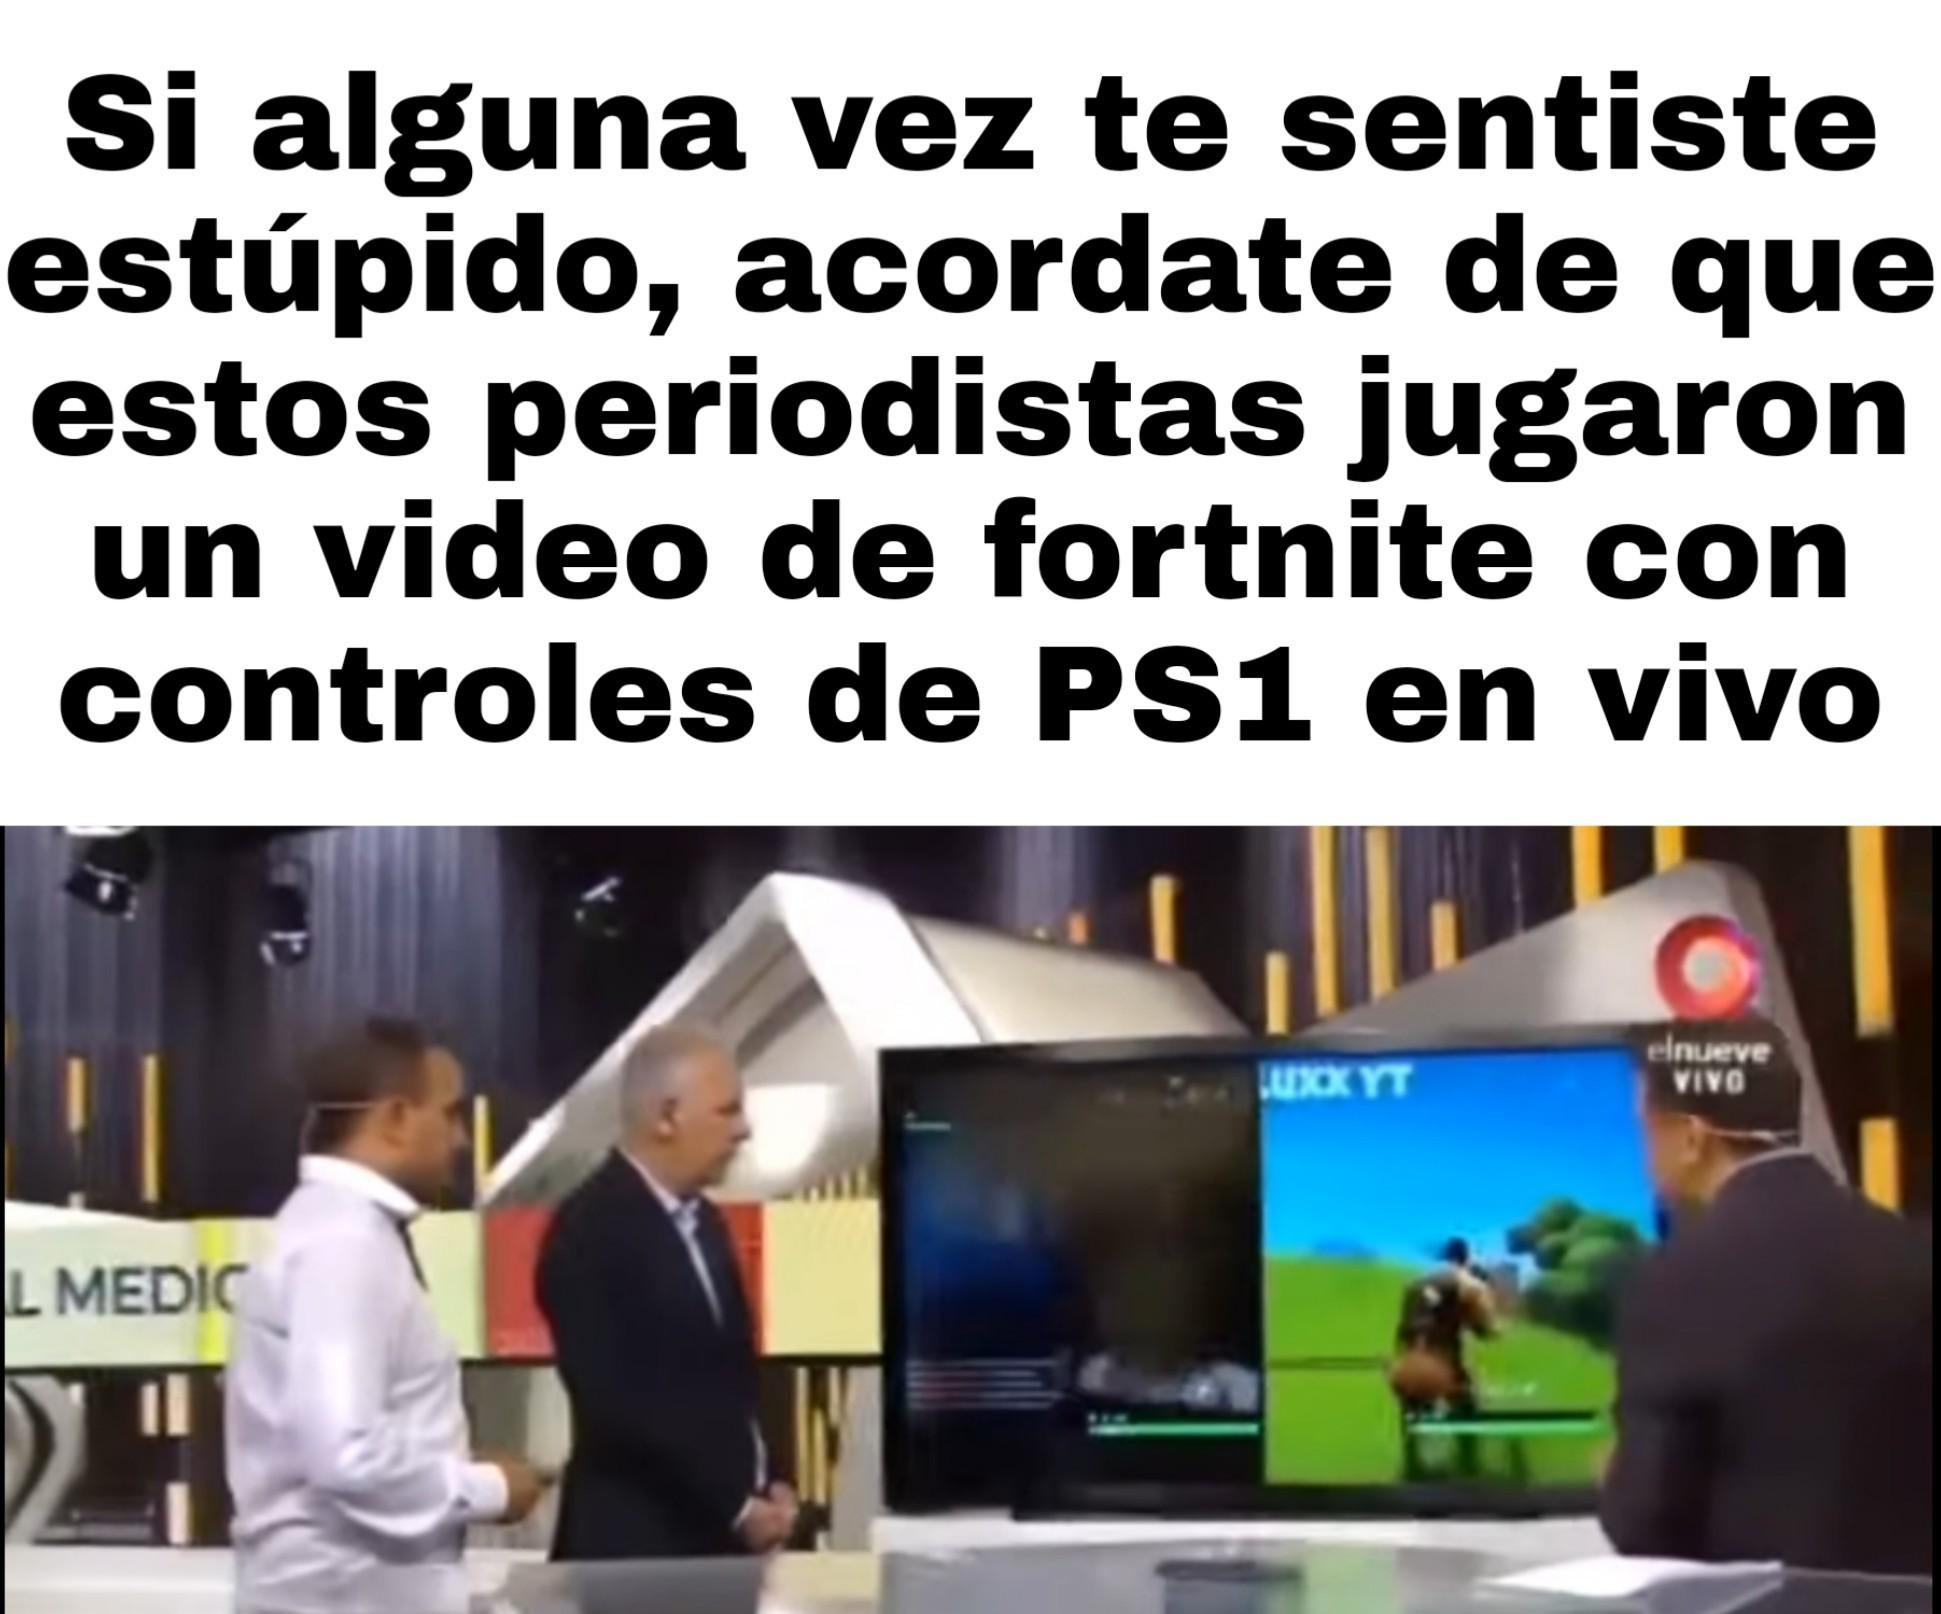 Los videojuegos matan chicos - meme